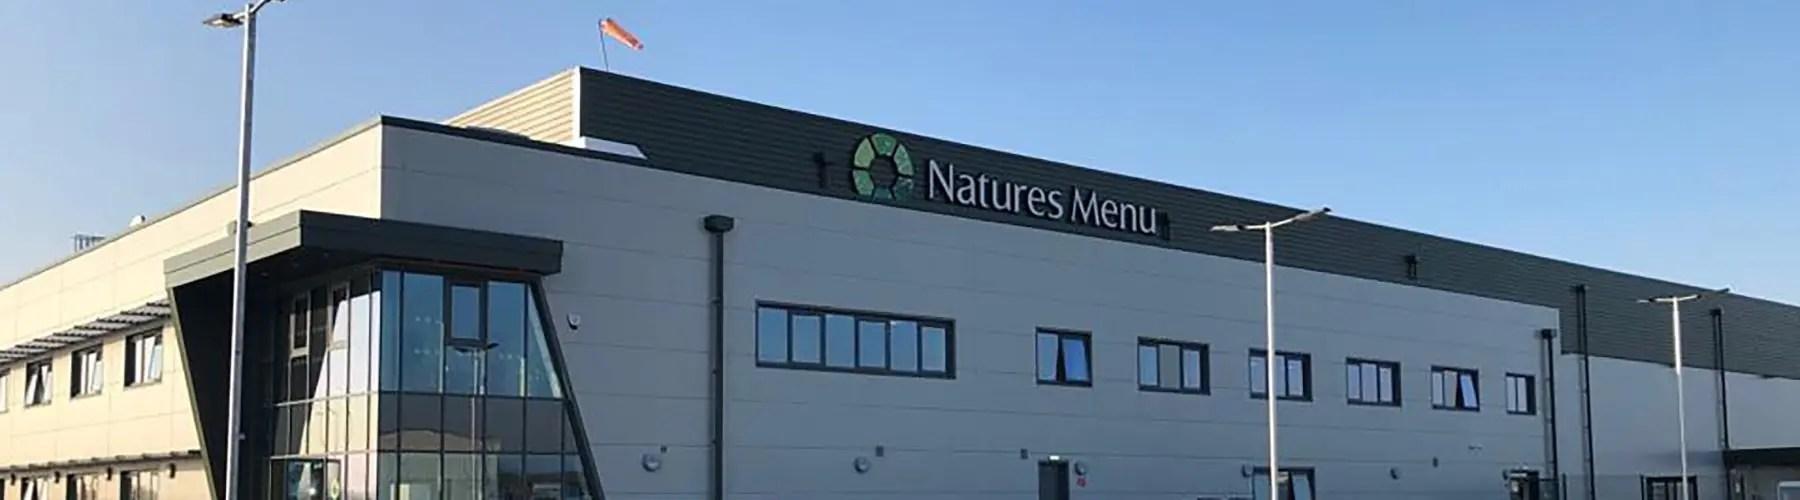 Natures Menu Factory 2019